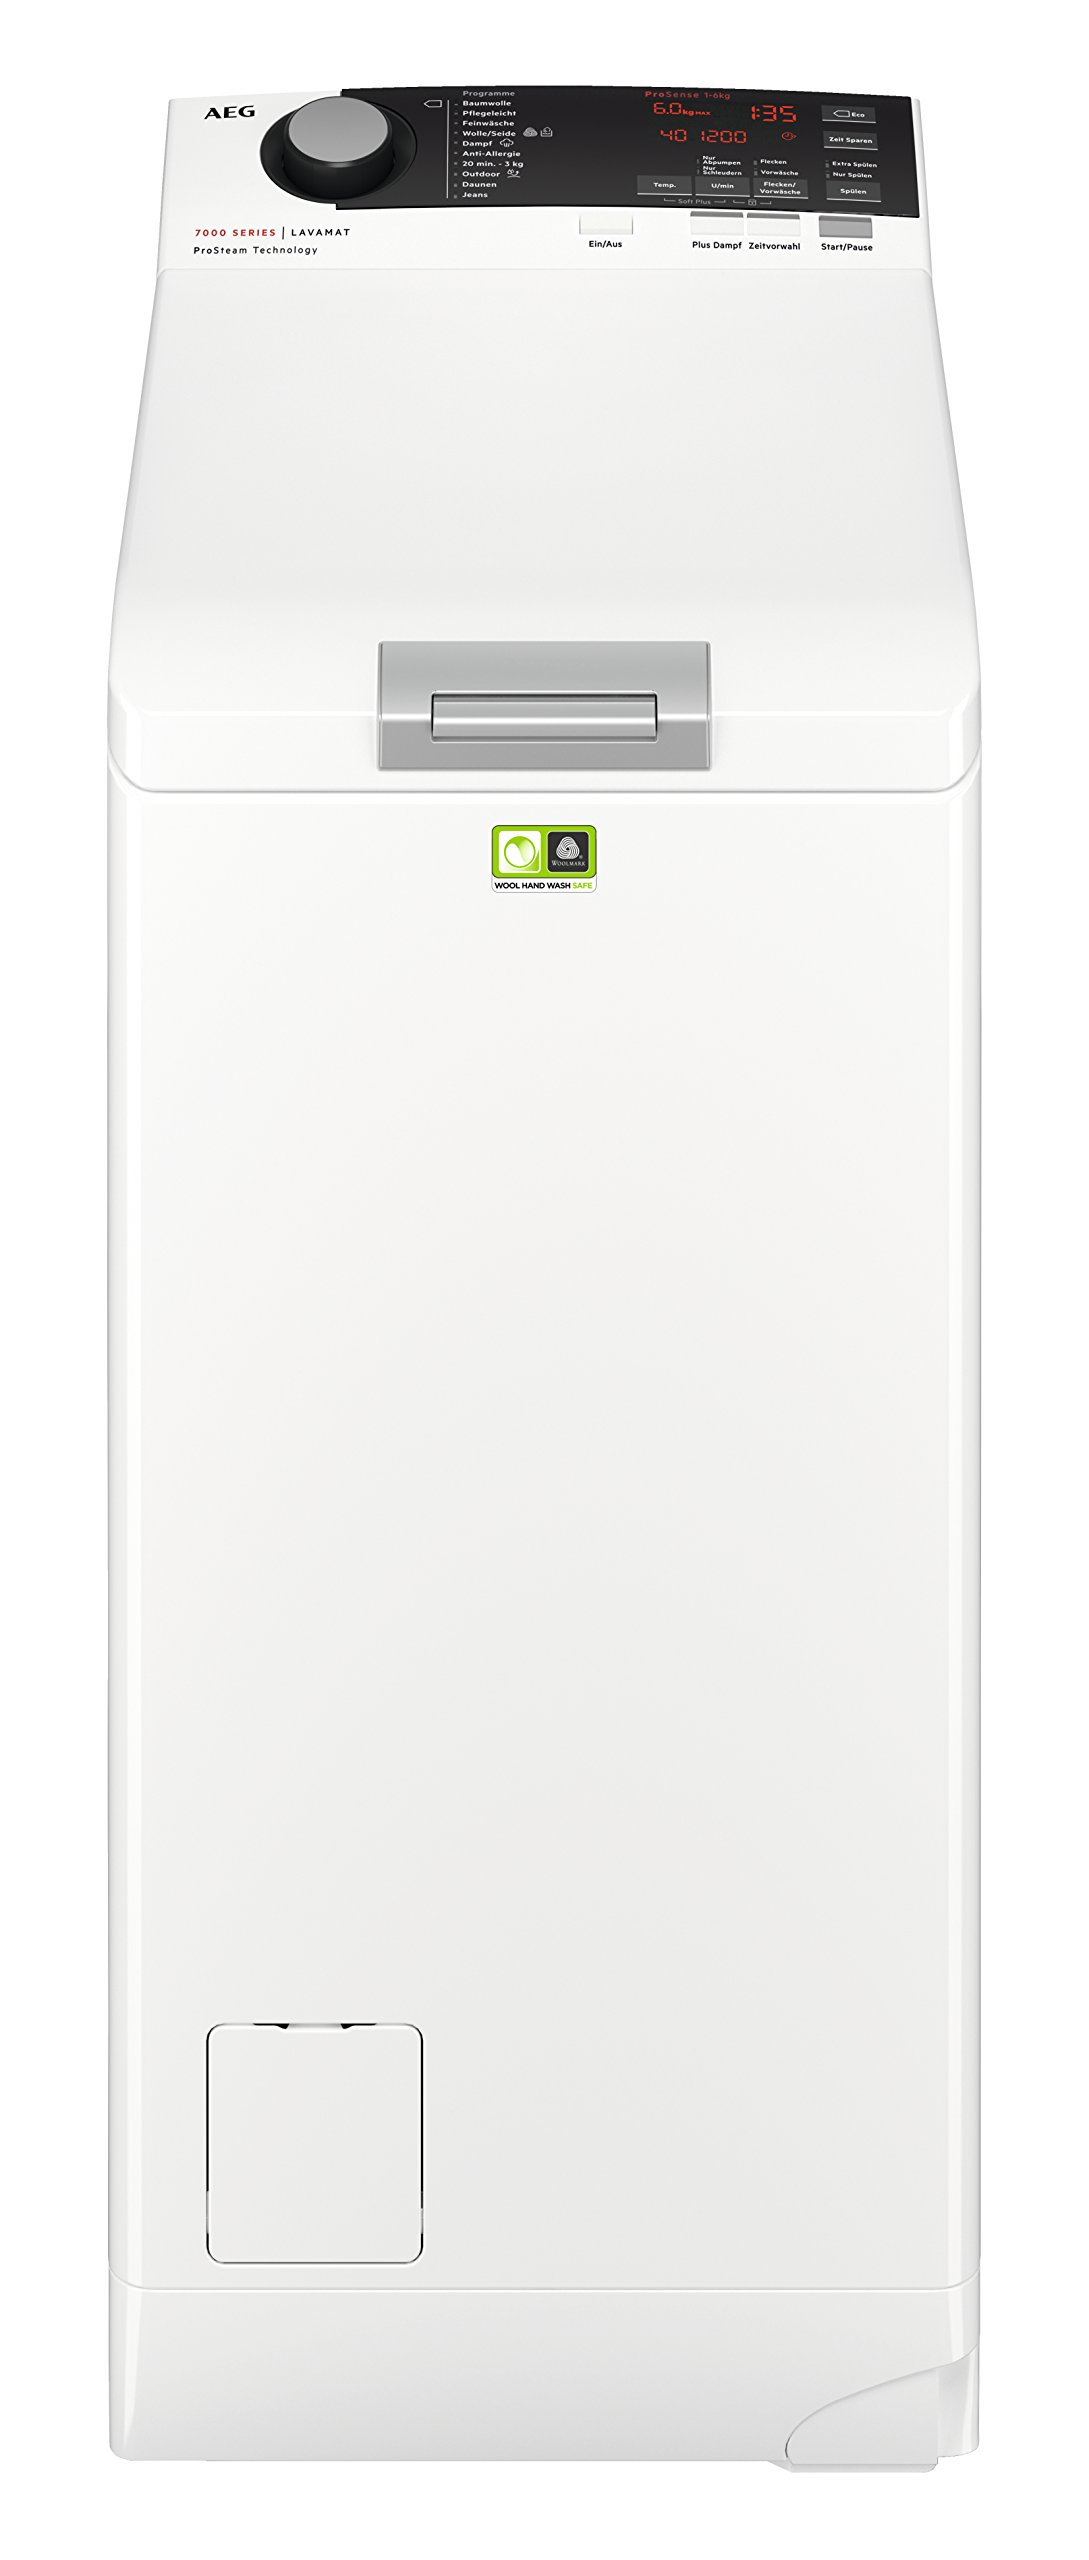 AEG-L7TE74265-Waschmaschine-Toplader-ProSteam-Auffrischfunktion-60-kg-Leise-Mengenautomatik-Nachlegefunktion-Kindersicherung-Allergikerfreundlich-Wasserstopp-1200-Umin